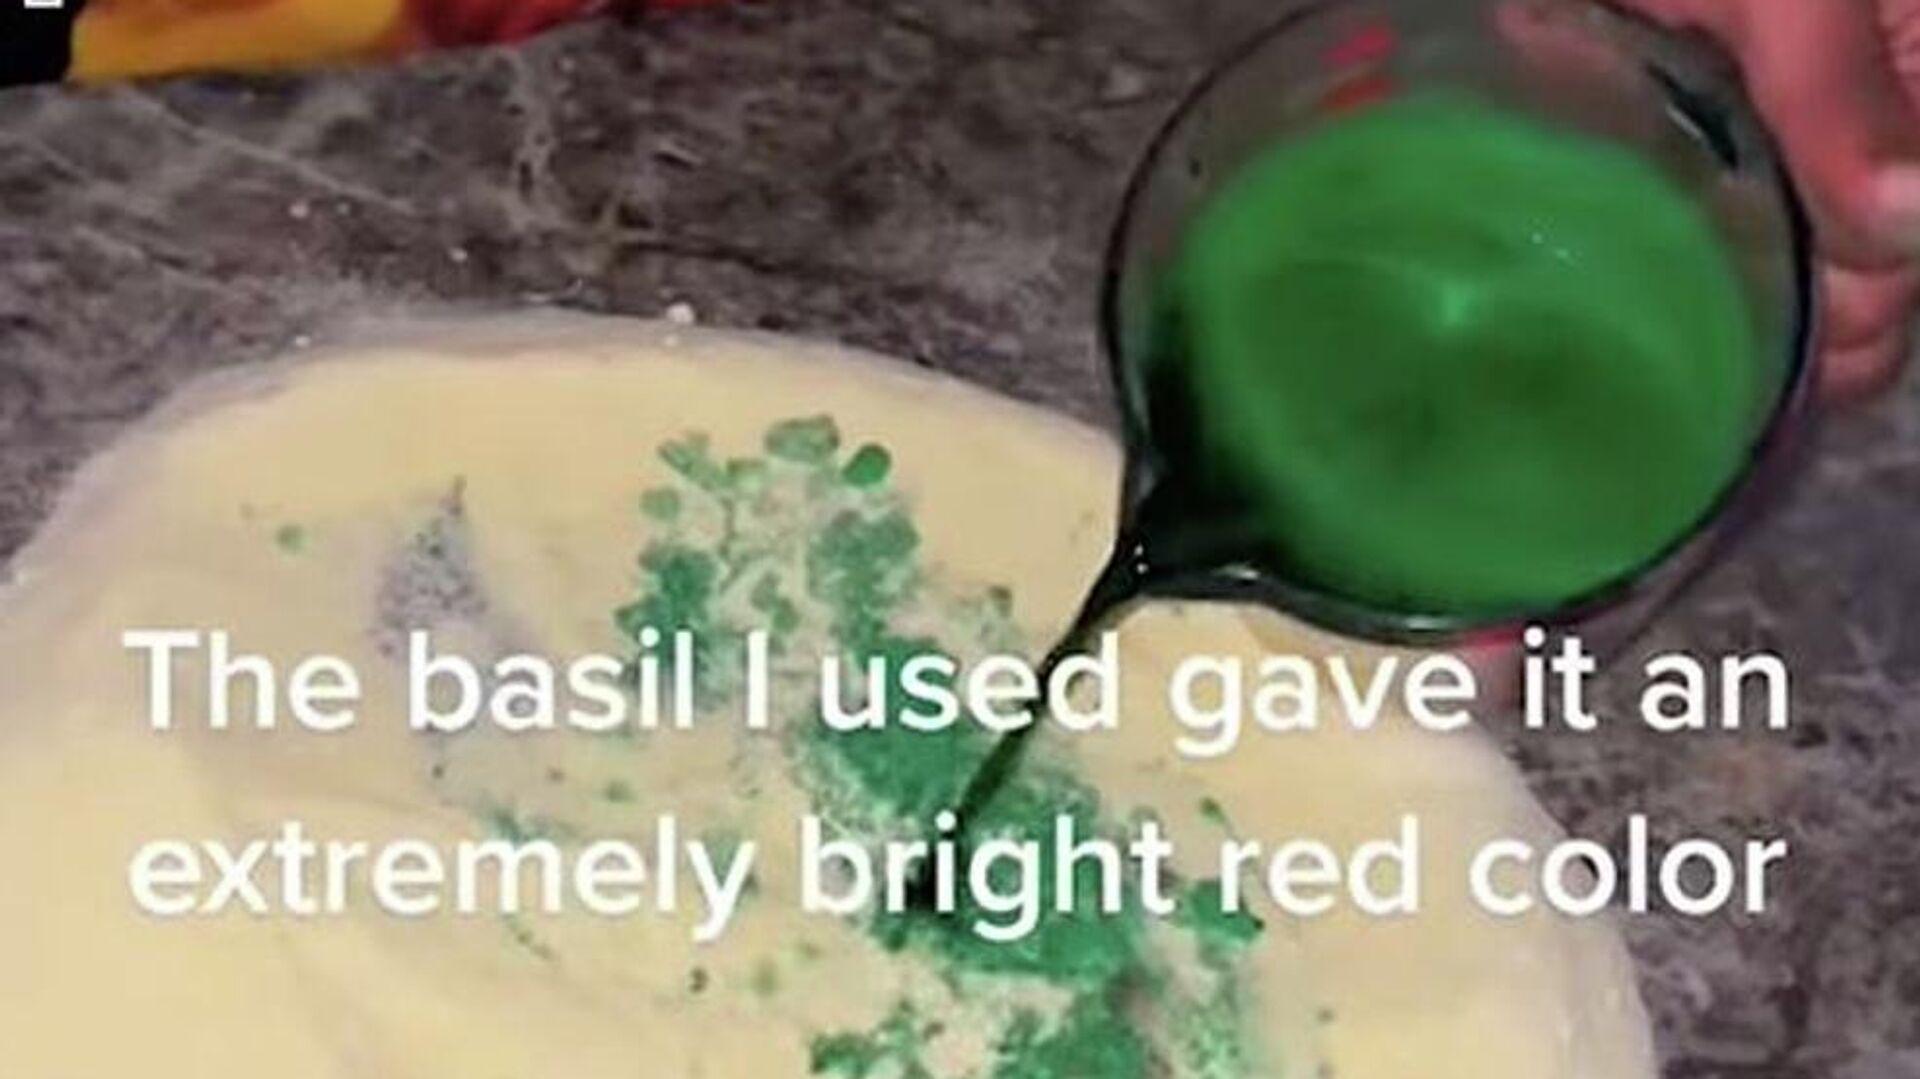 Σε φτιάχνει πολύχρωμα ζυμαρικά για την αγαπημένη του που πάσχει από αχρωματοψία - Sputnik Ελλάδα, 1920, 19.09.2021